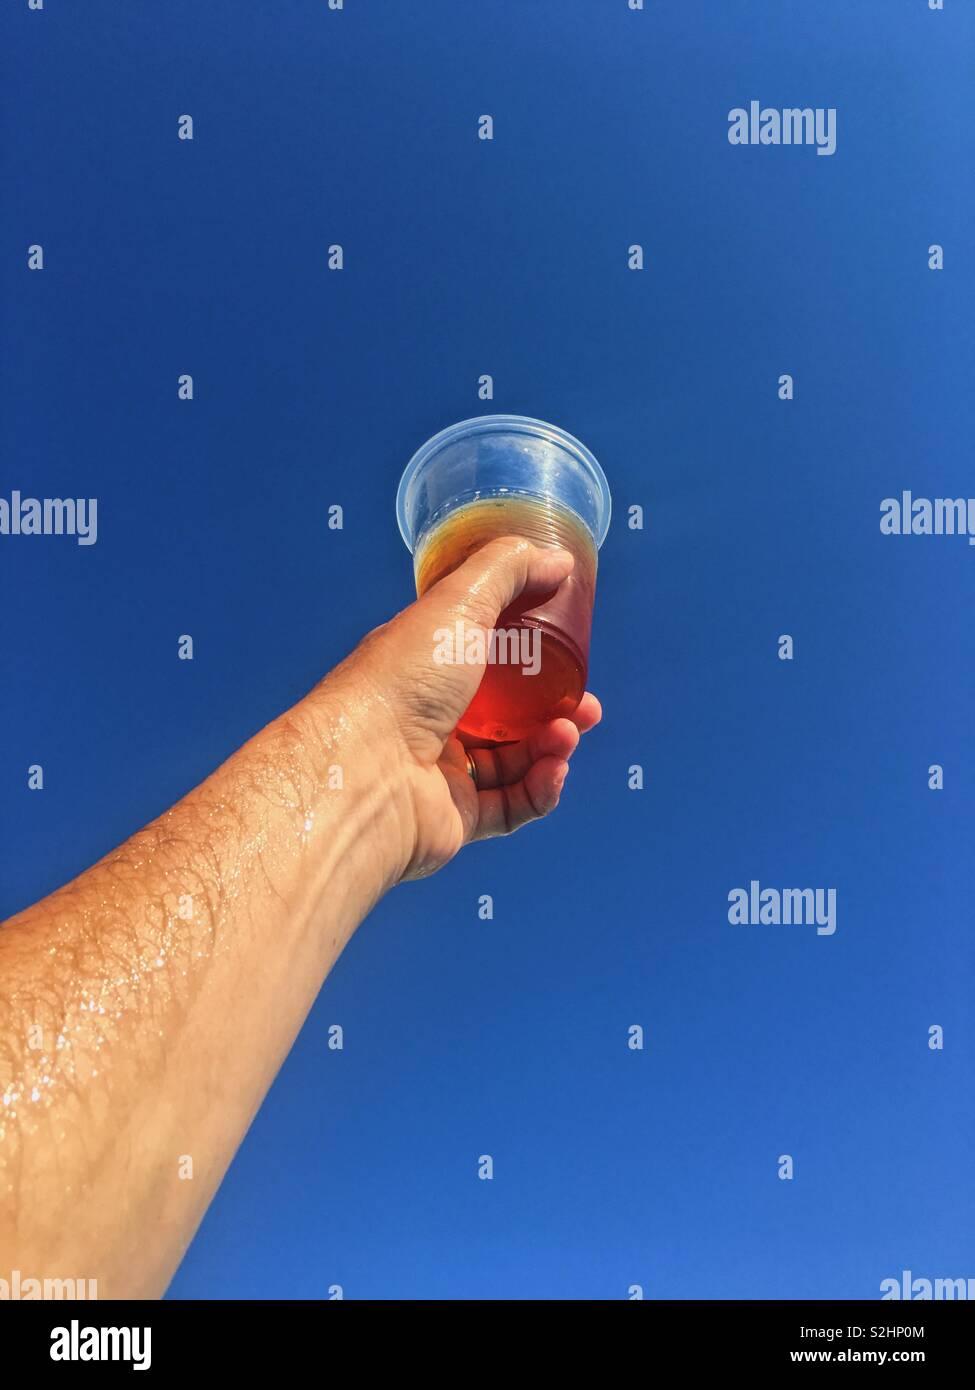 Sollevamento di un bicchiere di birra fino al blu intenso del cielo. Foto Stock